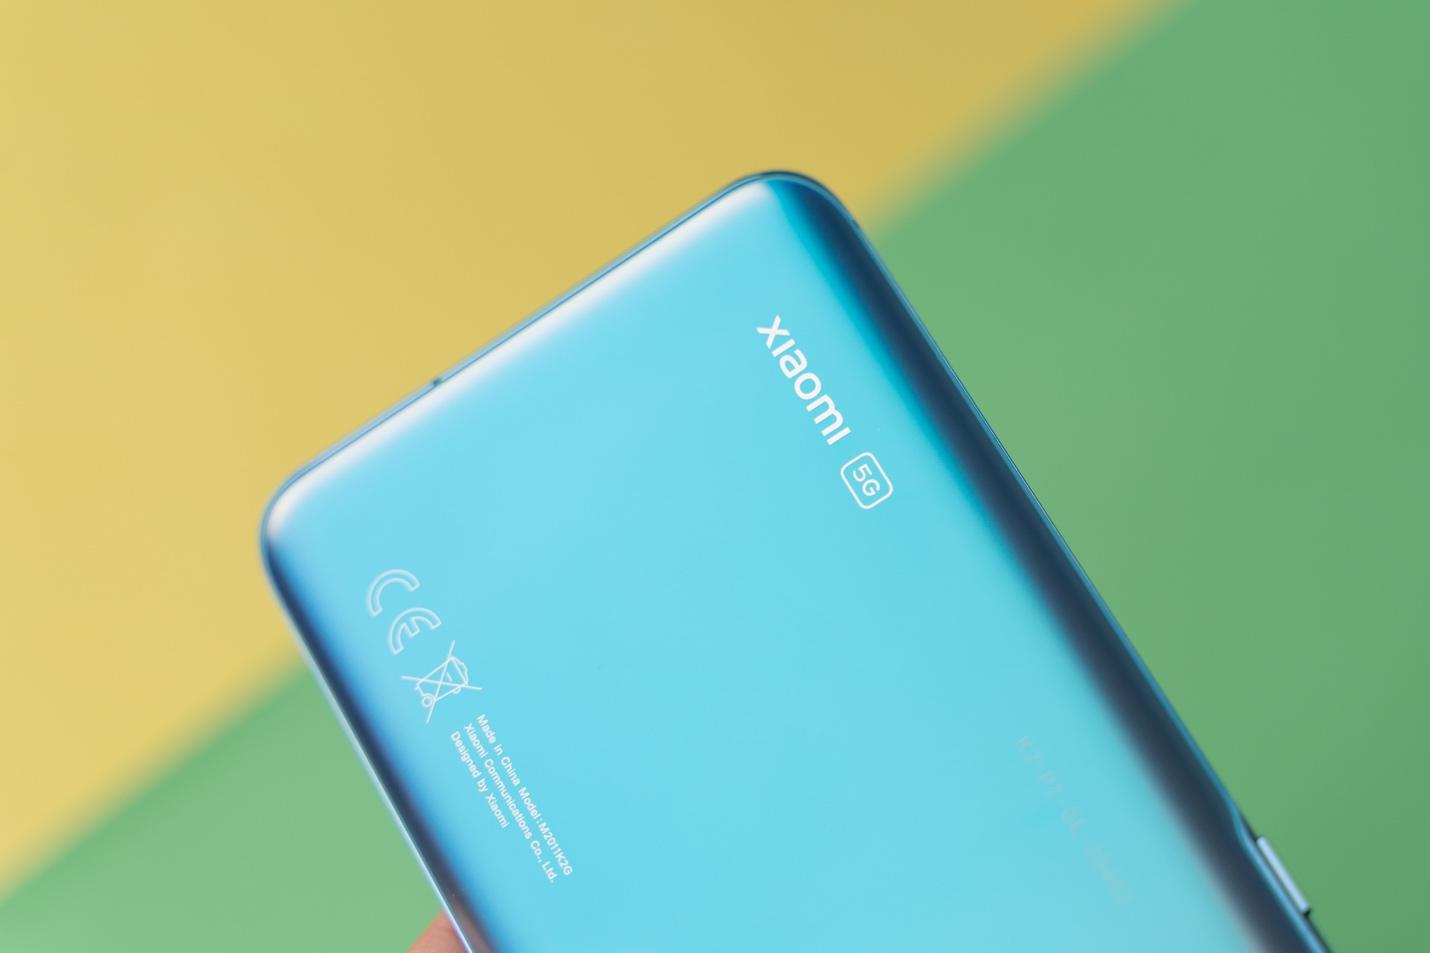 Mi 11 | 5G thắng lớn ngày đầu đặt hàng tại CellphoneS - Ảnh 5.